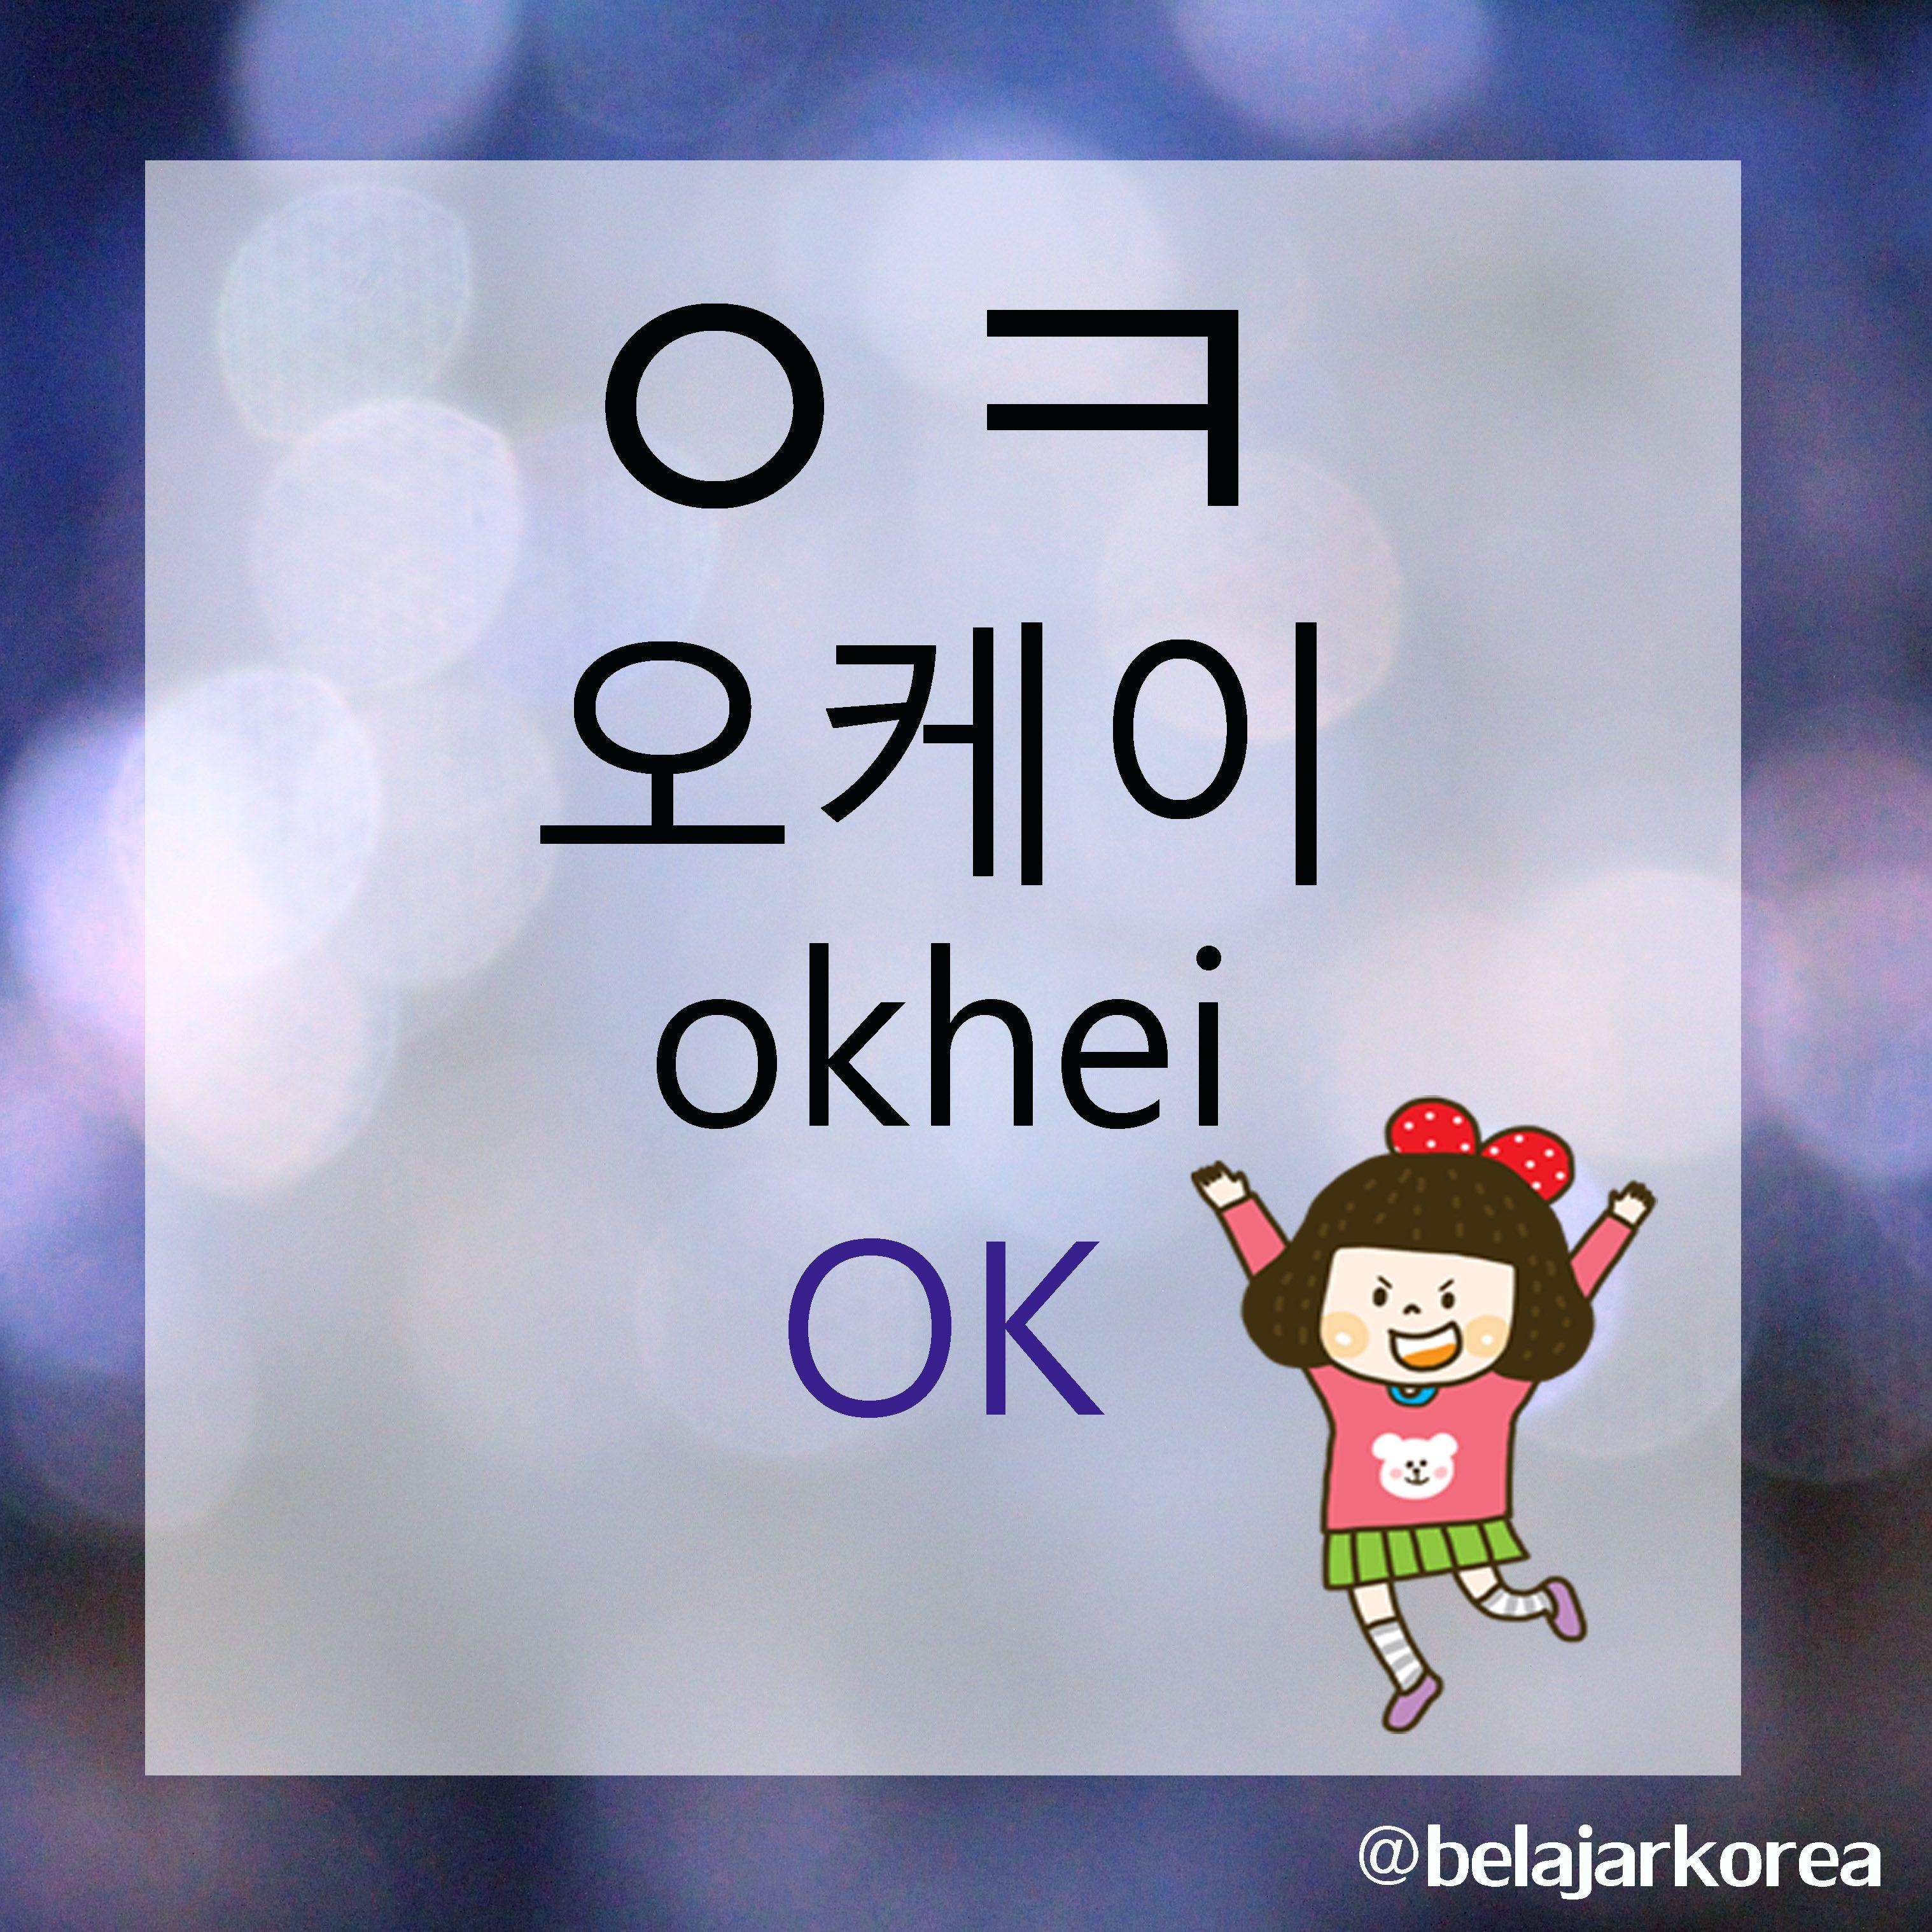 ㅇㅋ=OK ^^